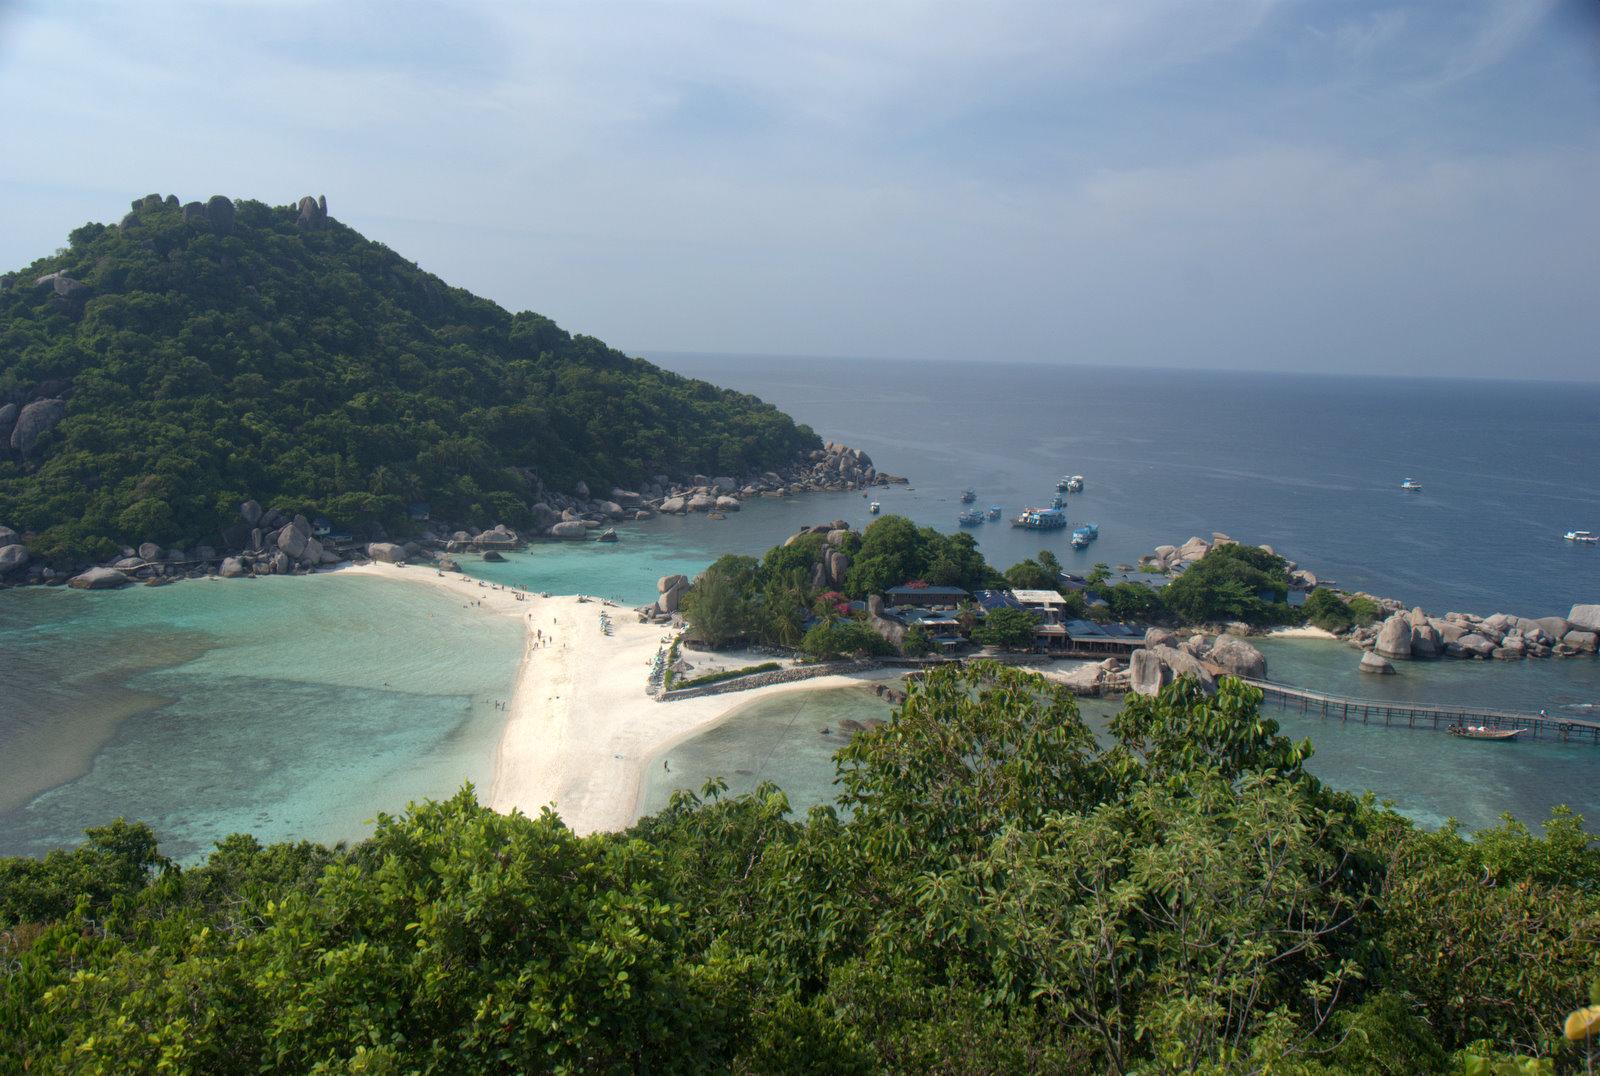 Trzy rajskie wyspy, pierwszy snorkeling i... 25